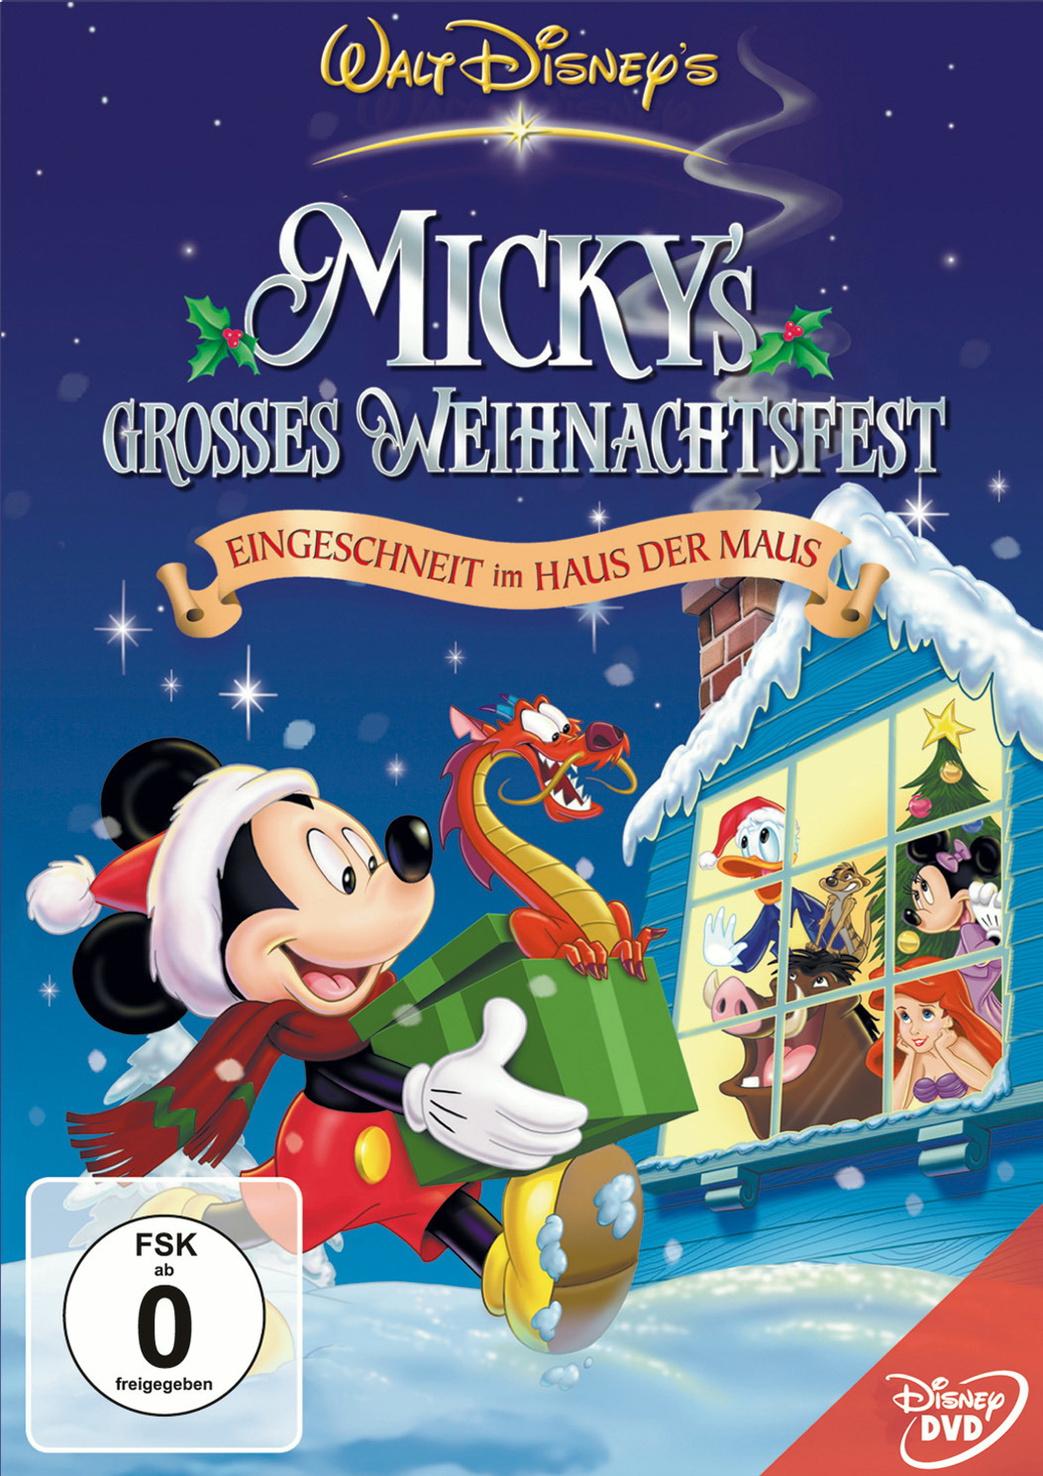 Mickys großes Weihnachtsfest Eingeschneit im Haus der Maus